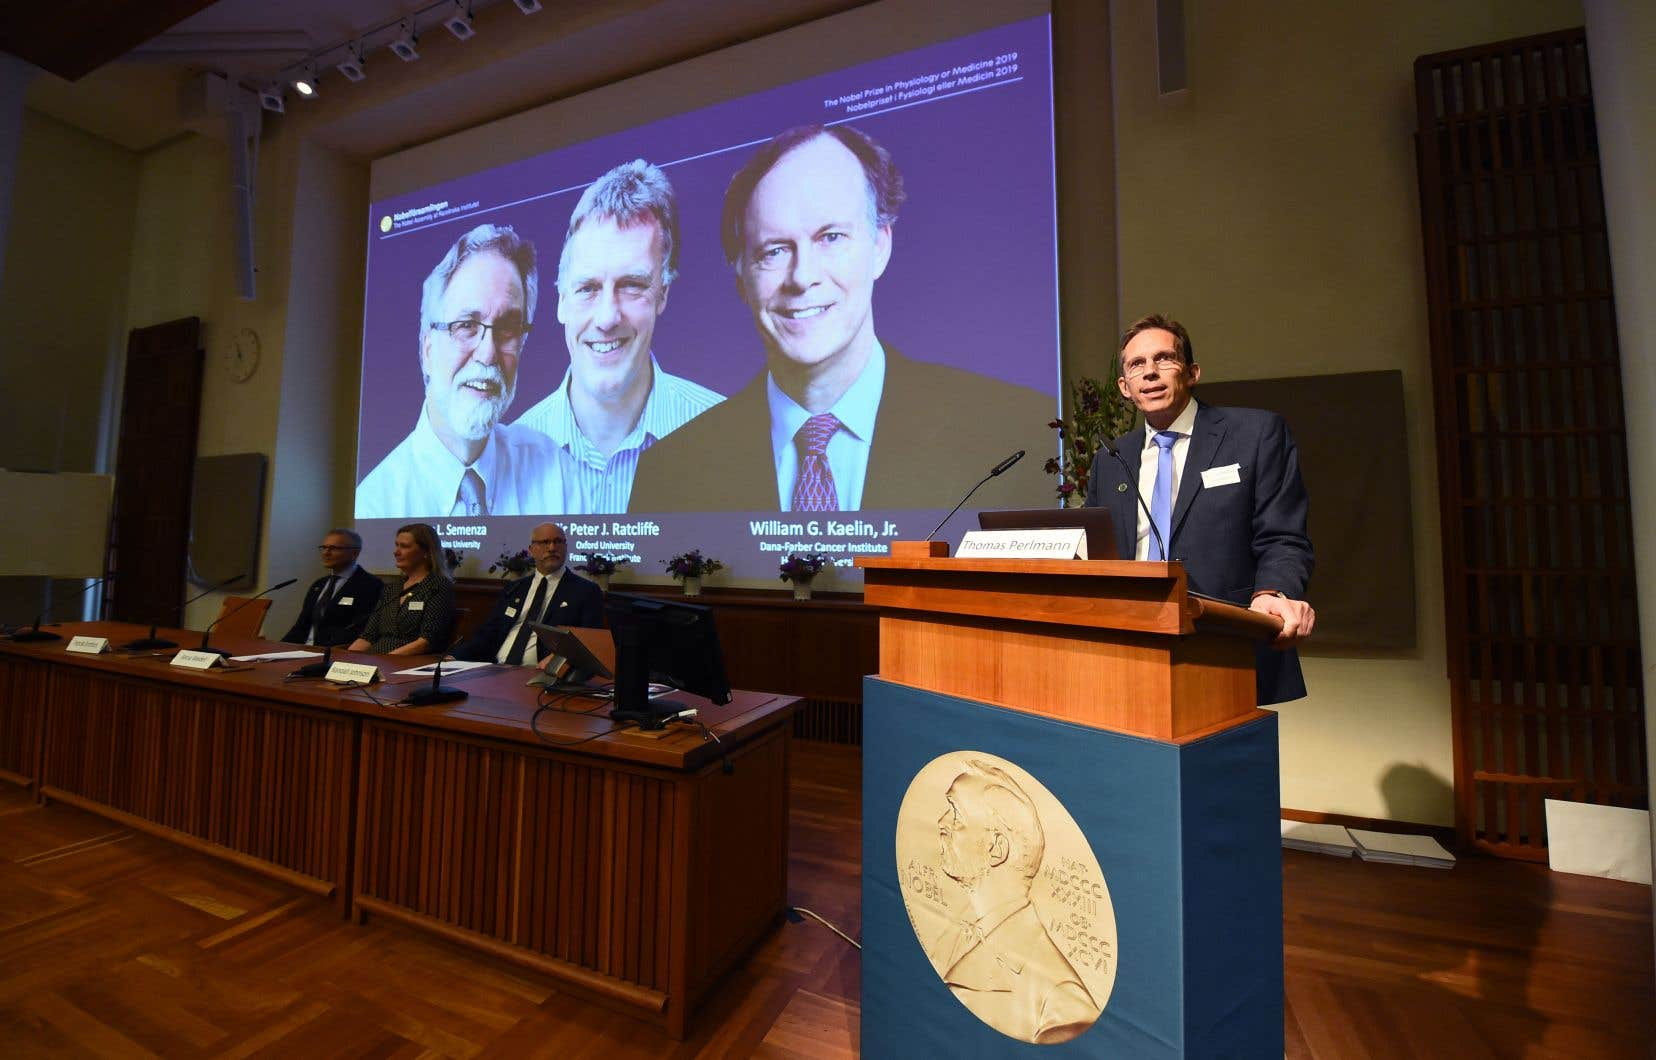 Avant de choisir ses lauréats, l'Assemblée Nobel avait reçu 633 nominations cette année.